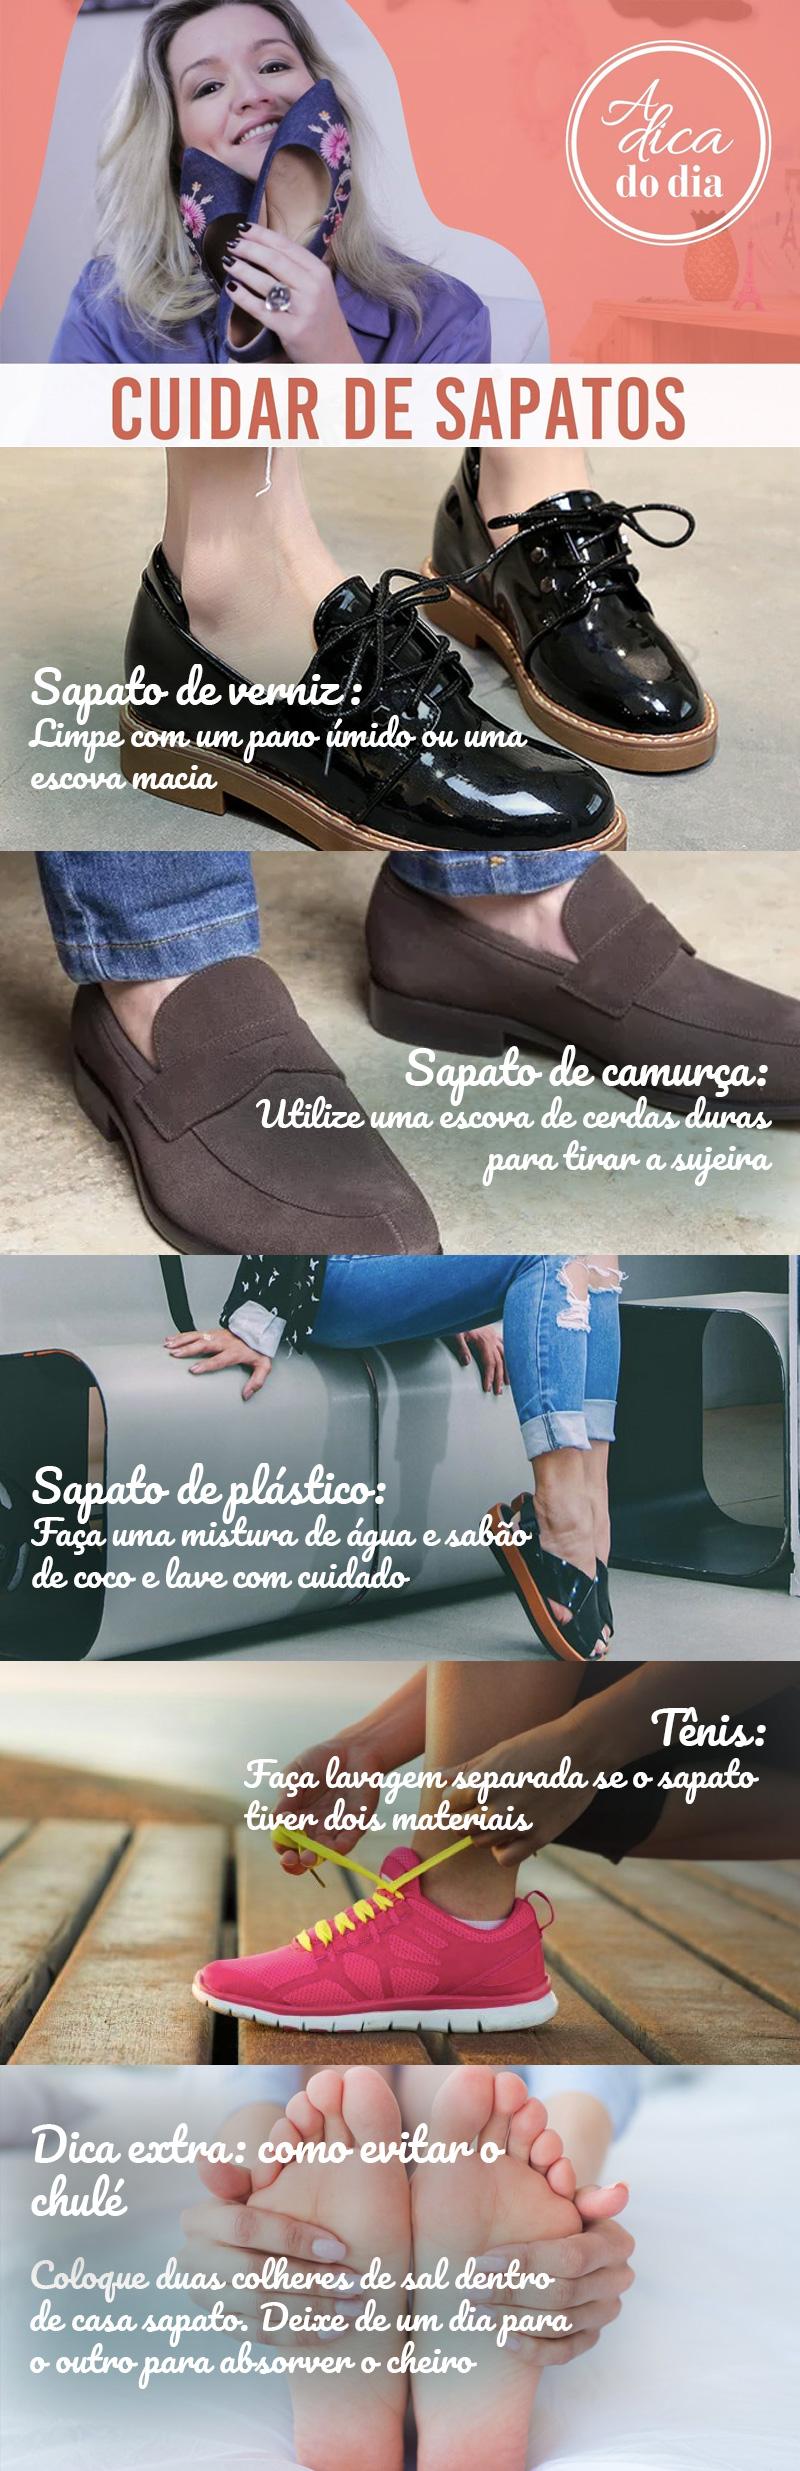 como cuidar de sapatos passo a passo a dica do dia Flávia Ferrari